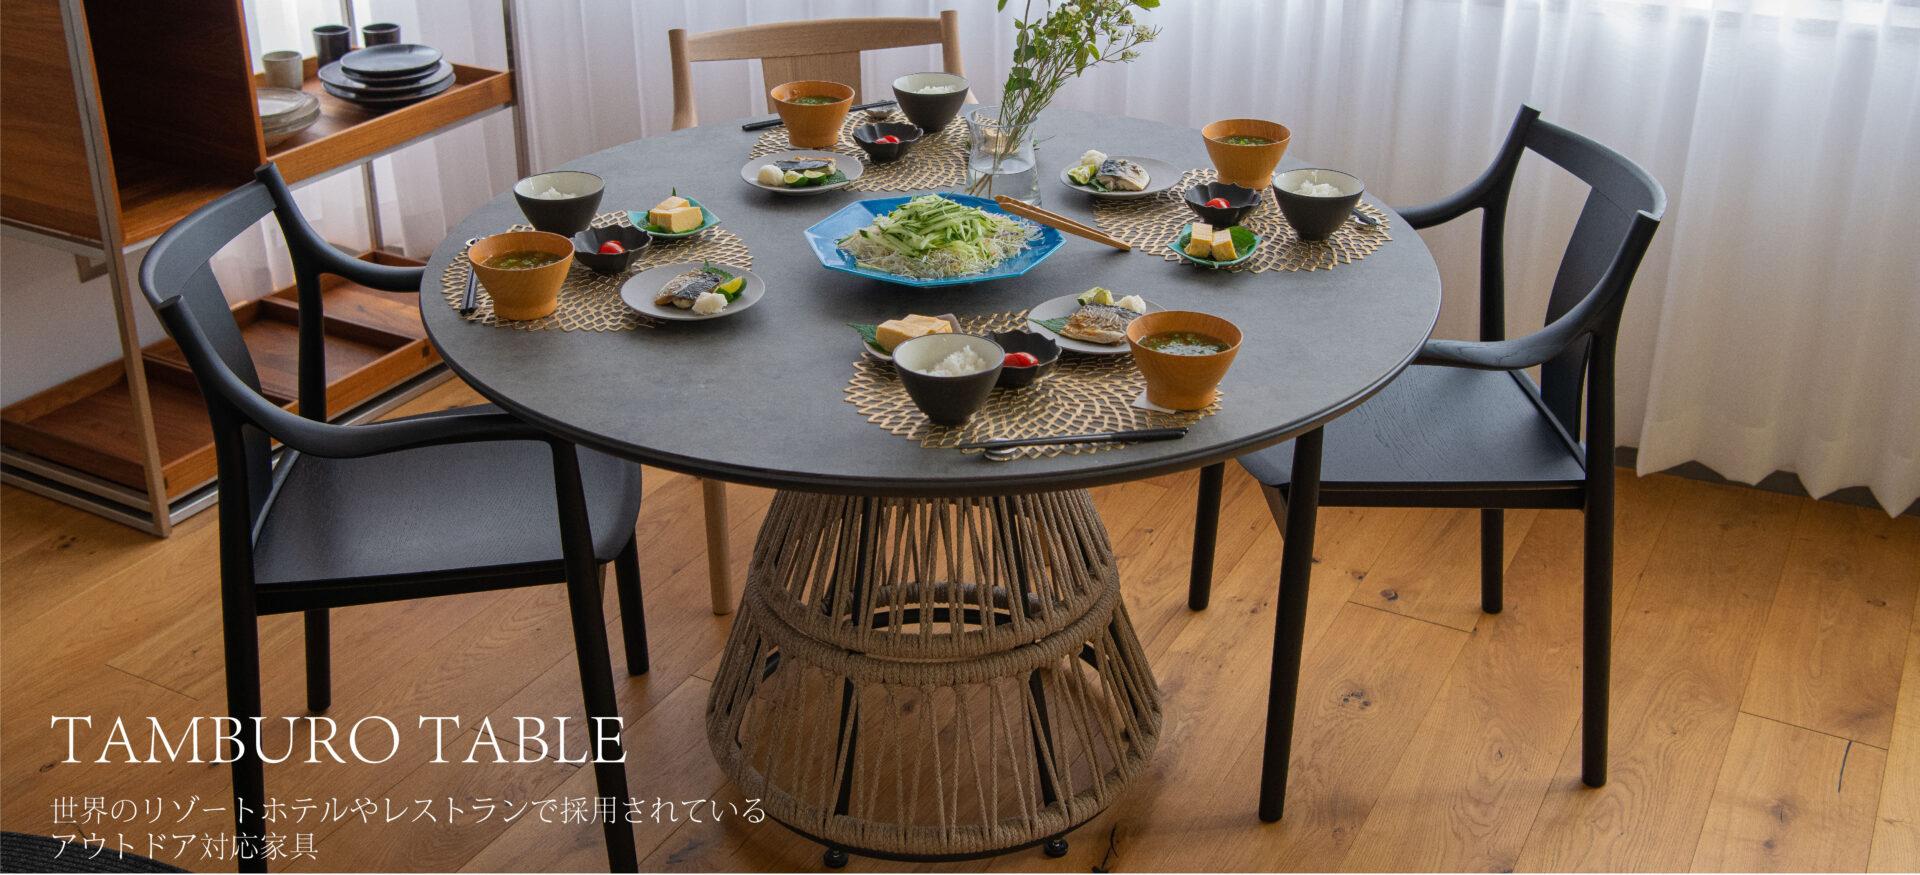 タンブローテーブル世界のリゾートホテルやレストランで採用されているアウトドア対応家具